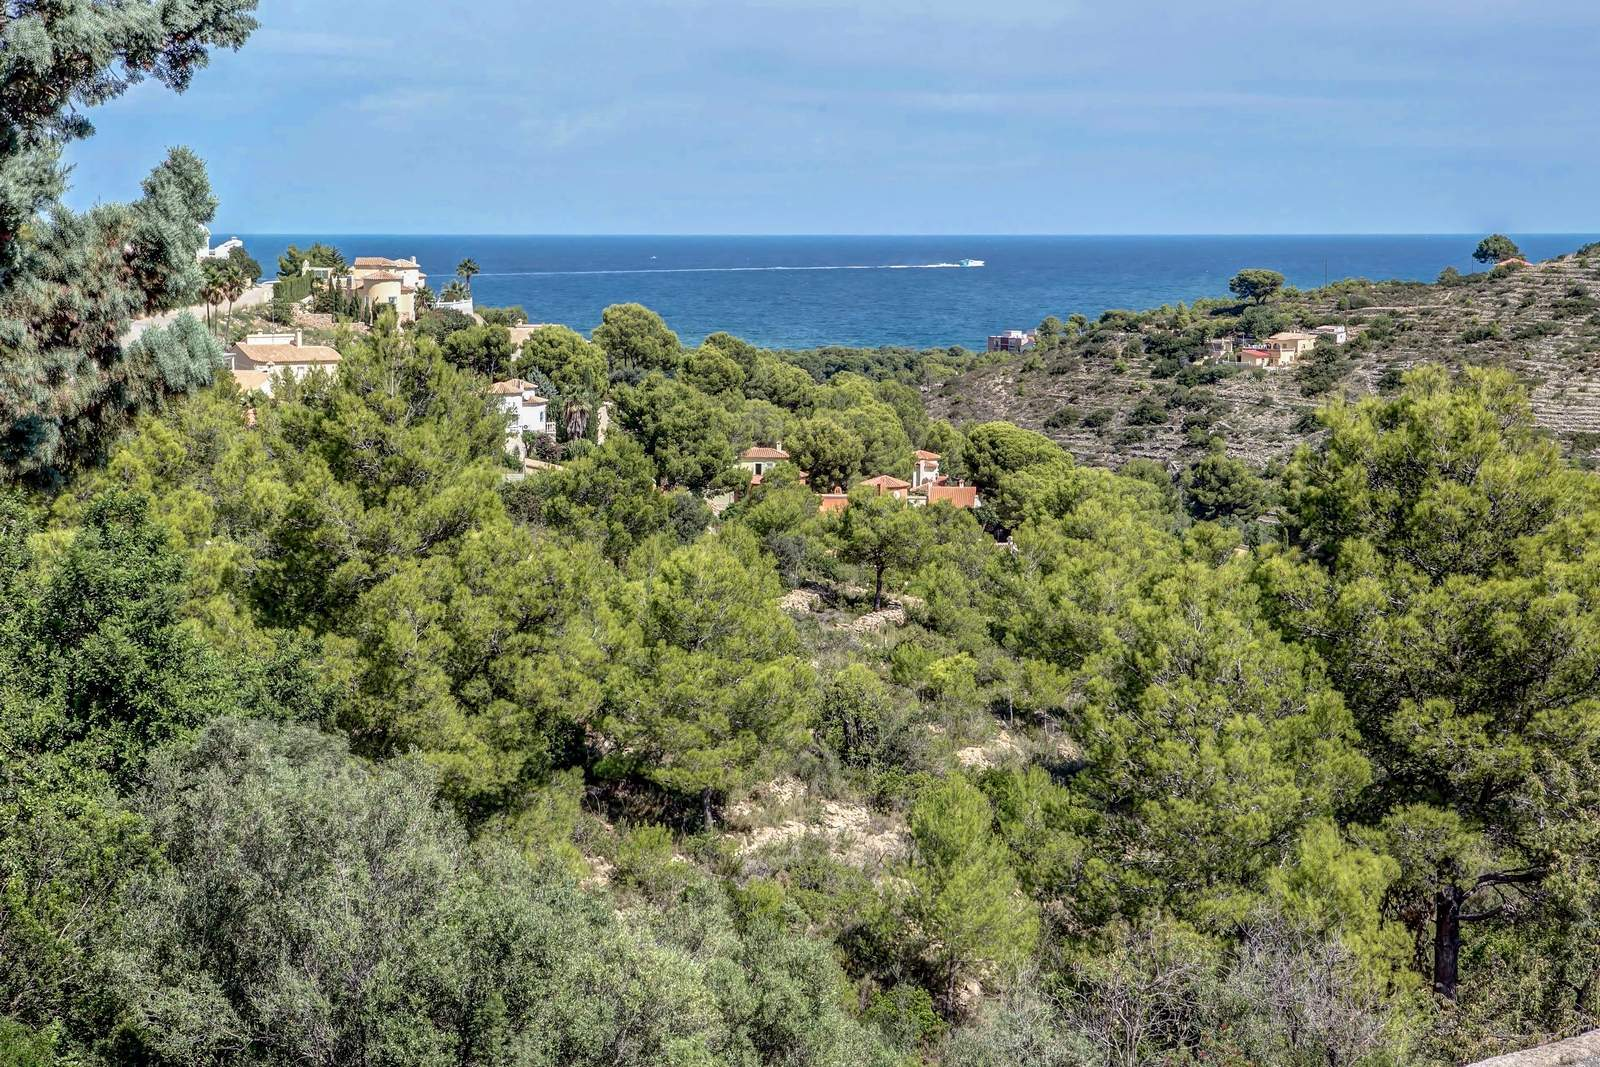 Villa à vendre avec vue sur la mer et appartement indépendant.